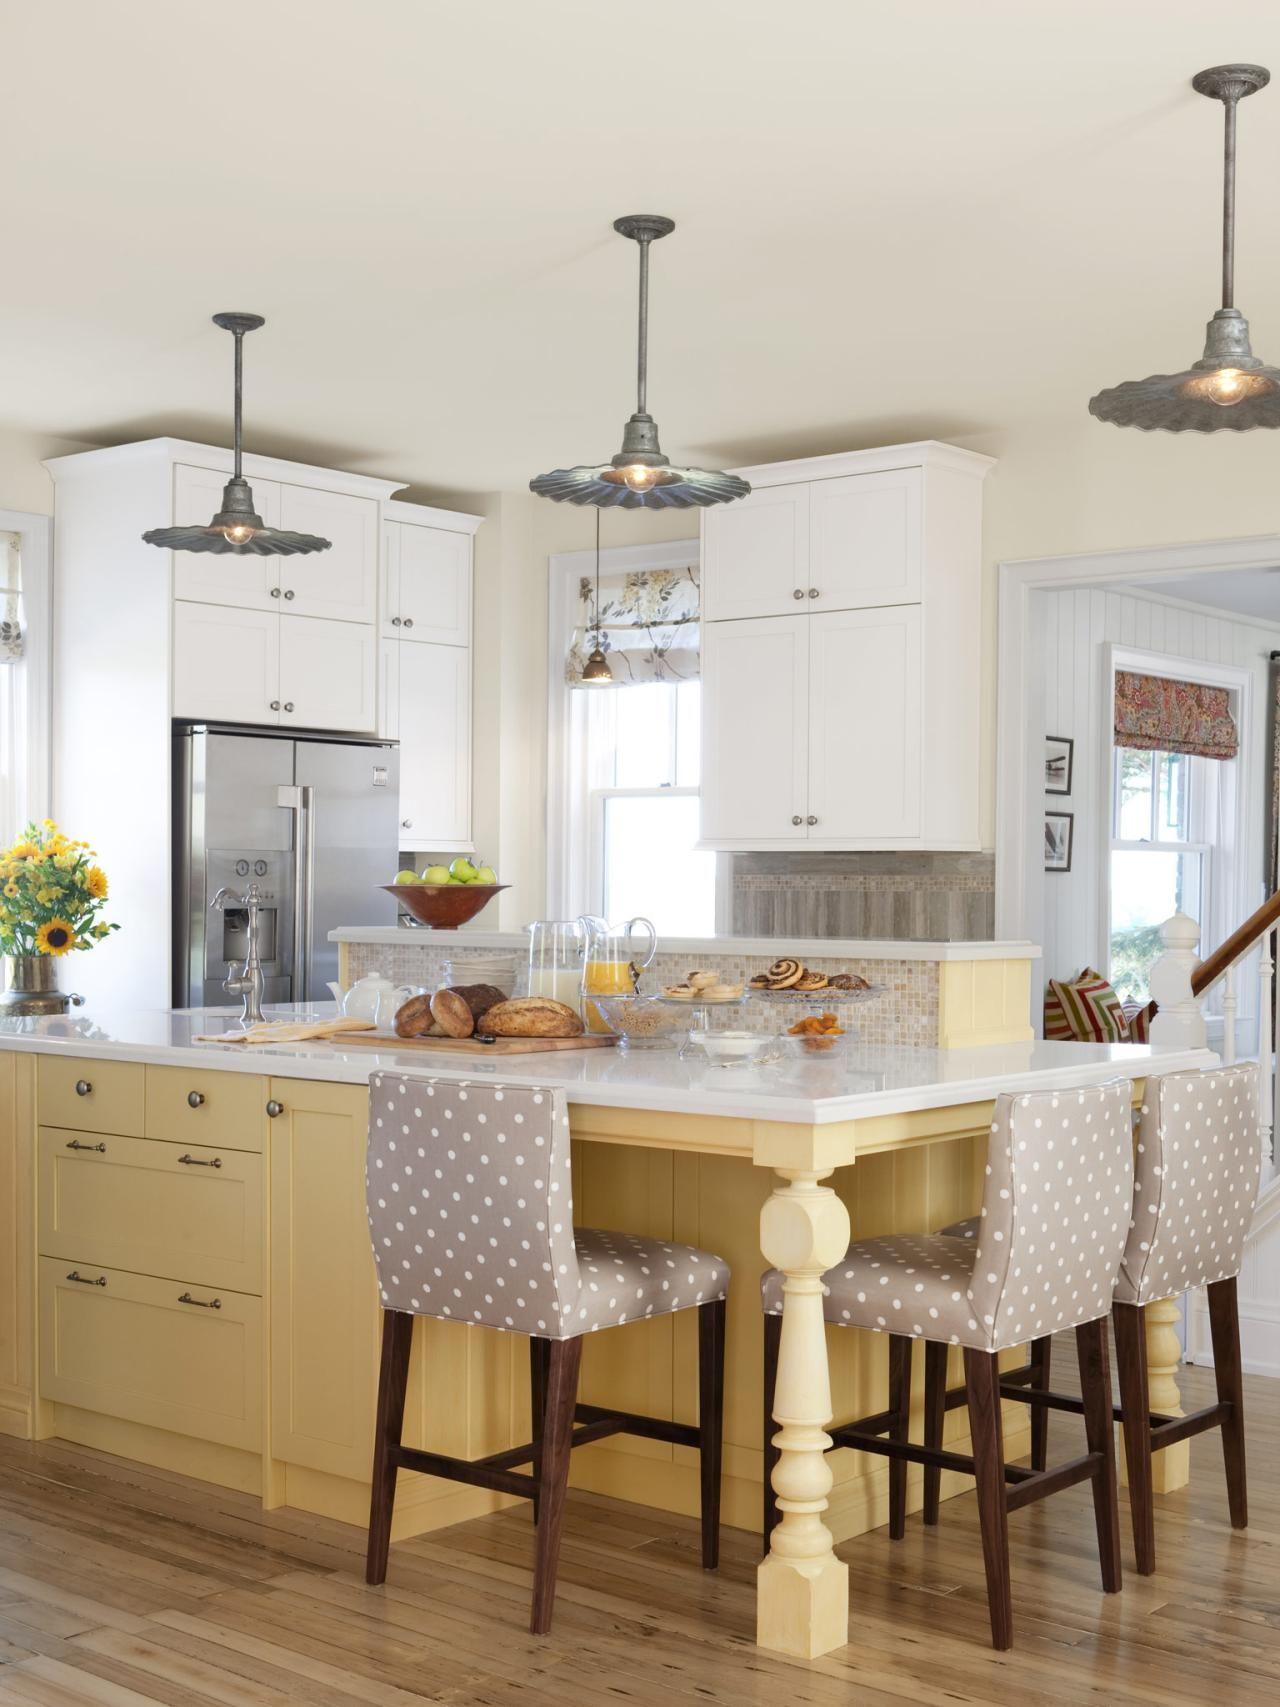 Best Our 50 Favorite White Kitchens Kitchen Ideas Design 400 x 300